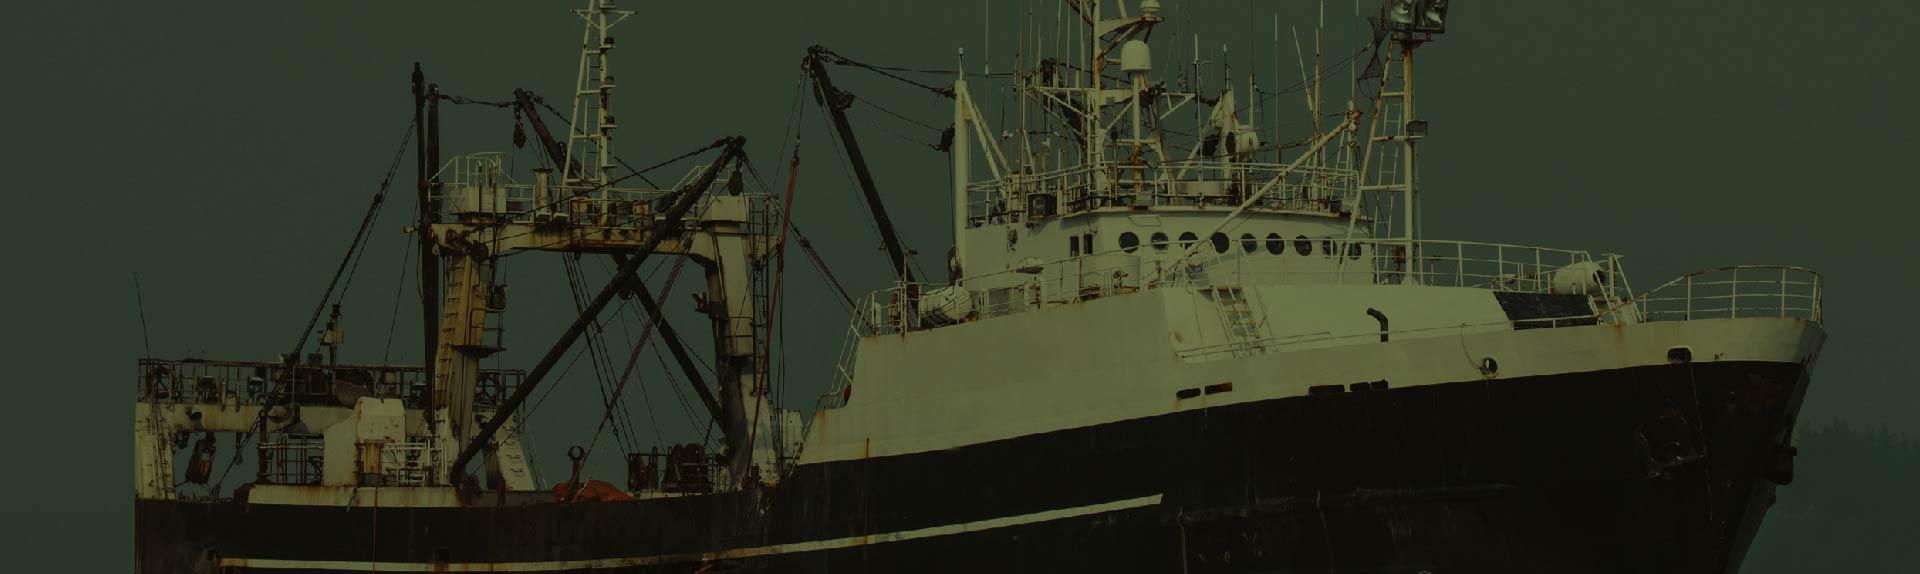 buque pesquero